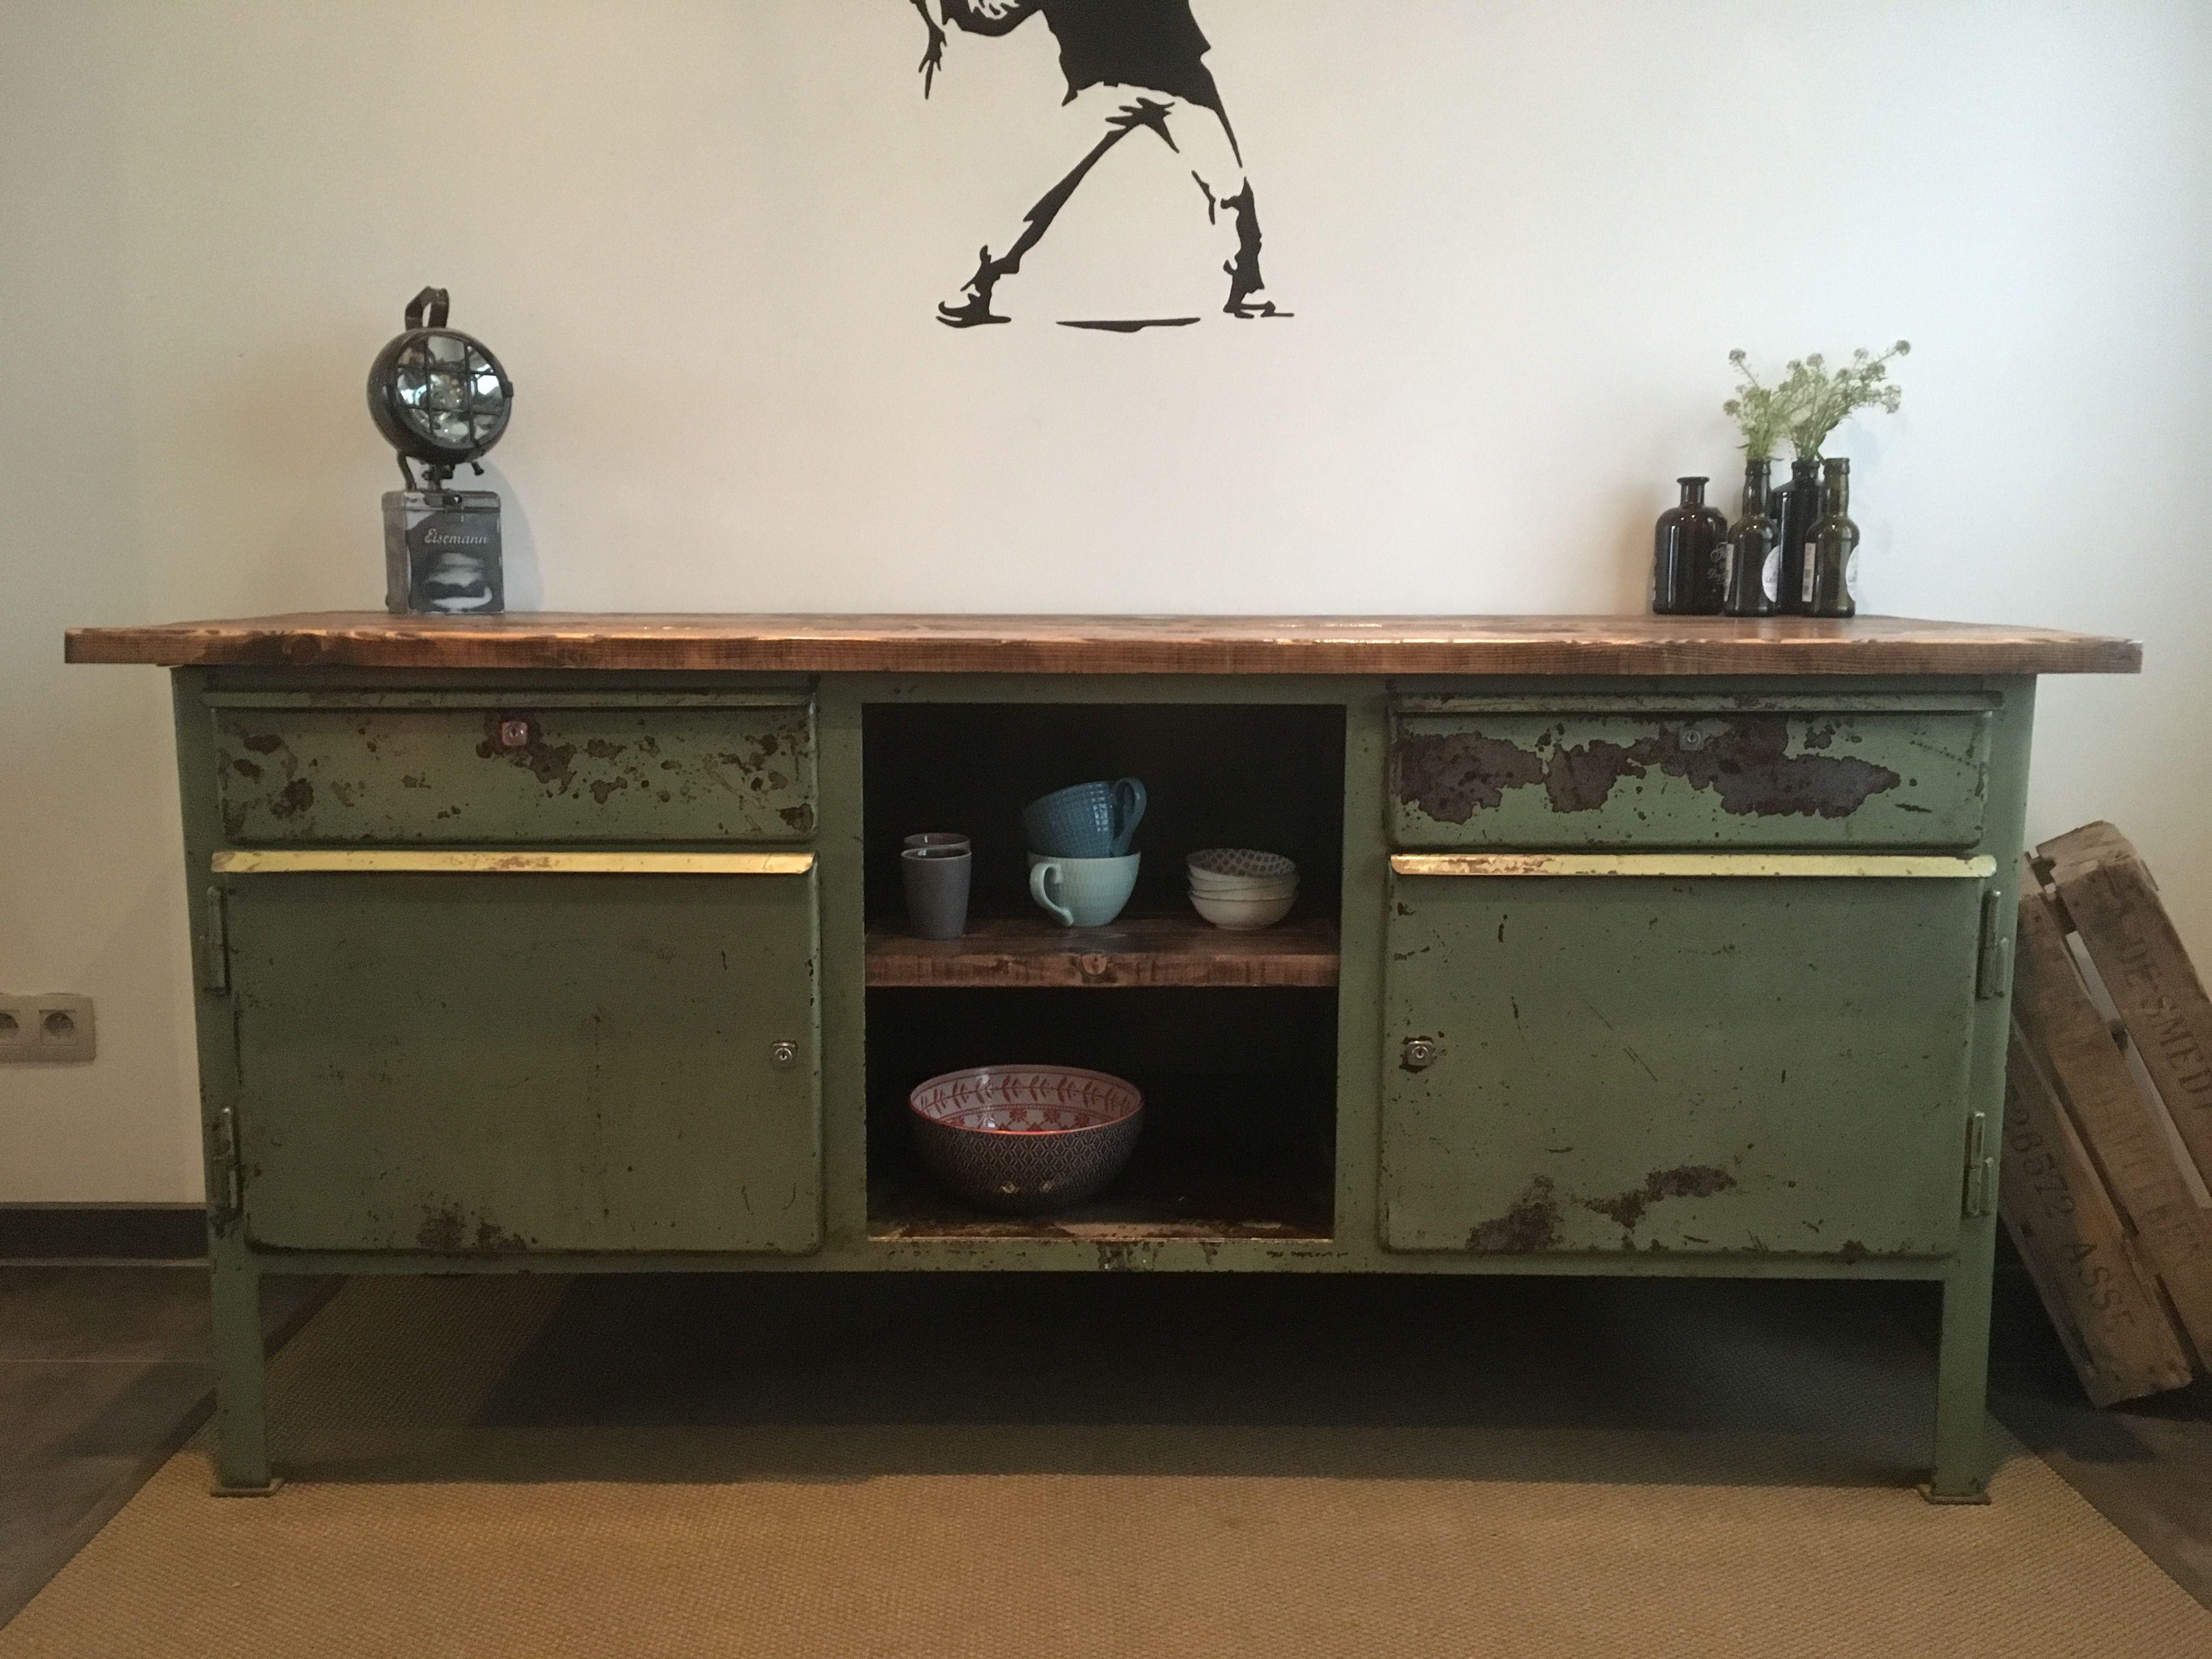 Metalen Kast Leger : Mooie kast gemaakt van een oude metalen werkbank. meubels